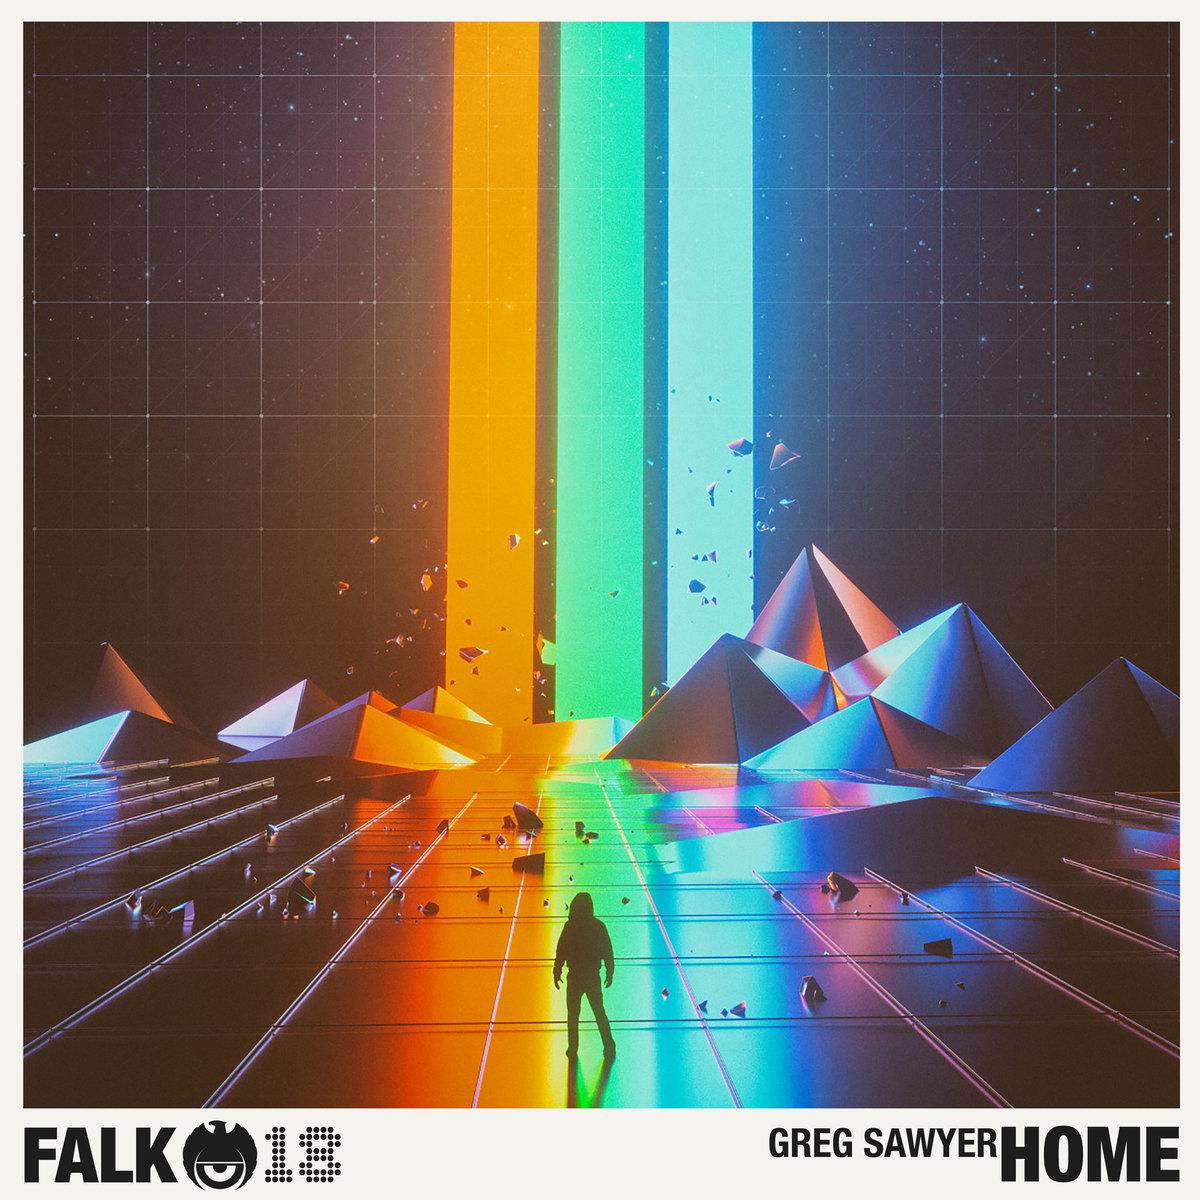 Greg Sawyer Home EP